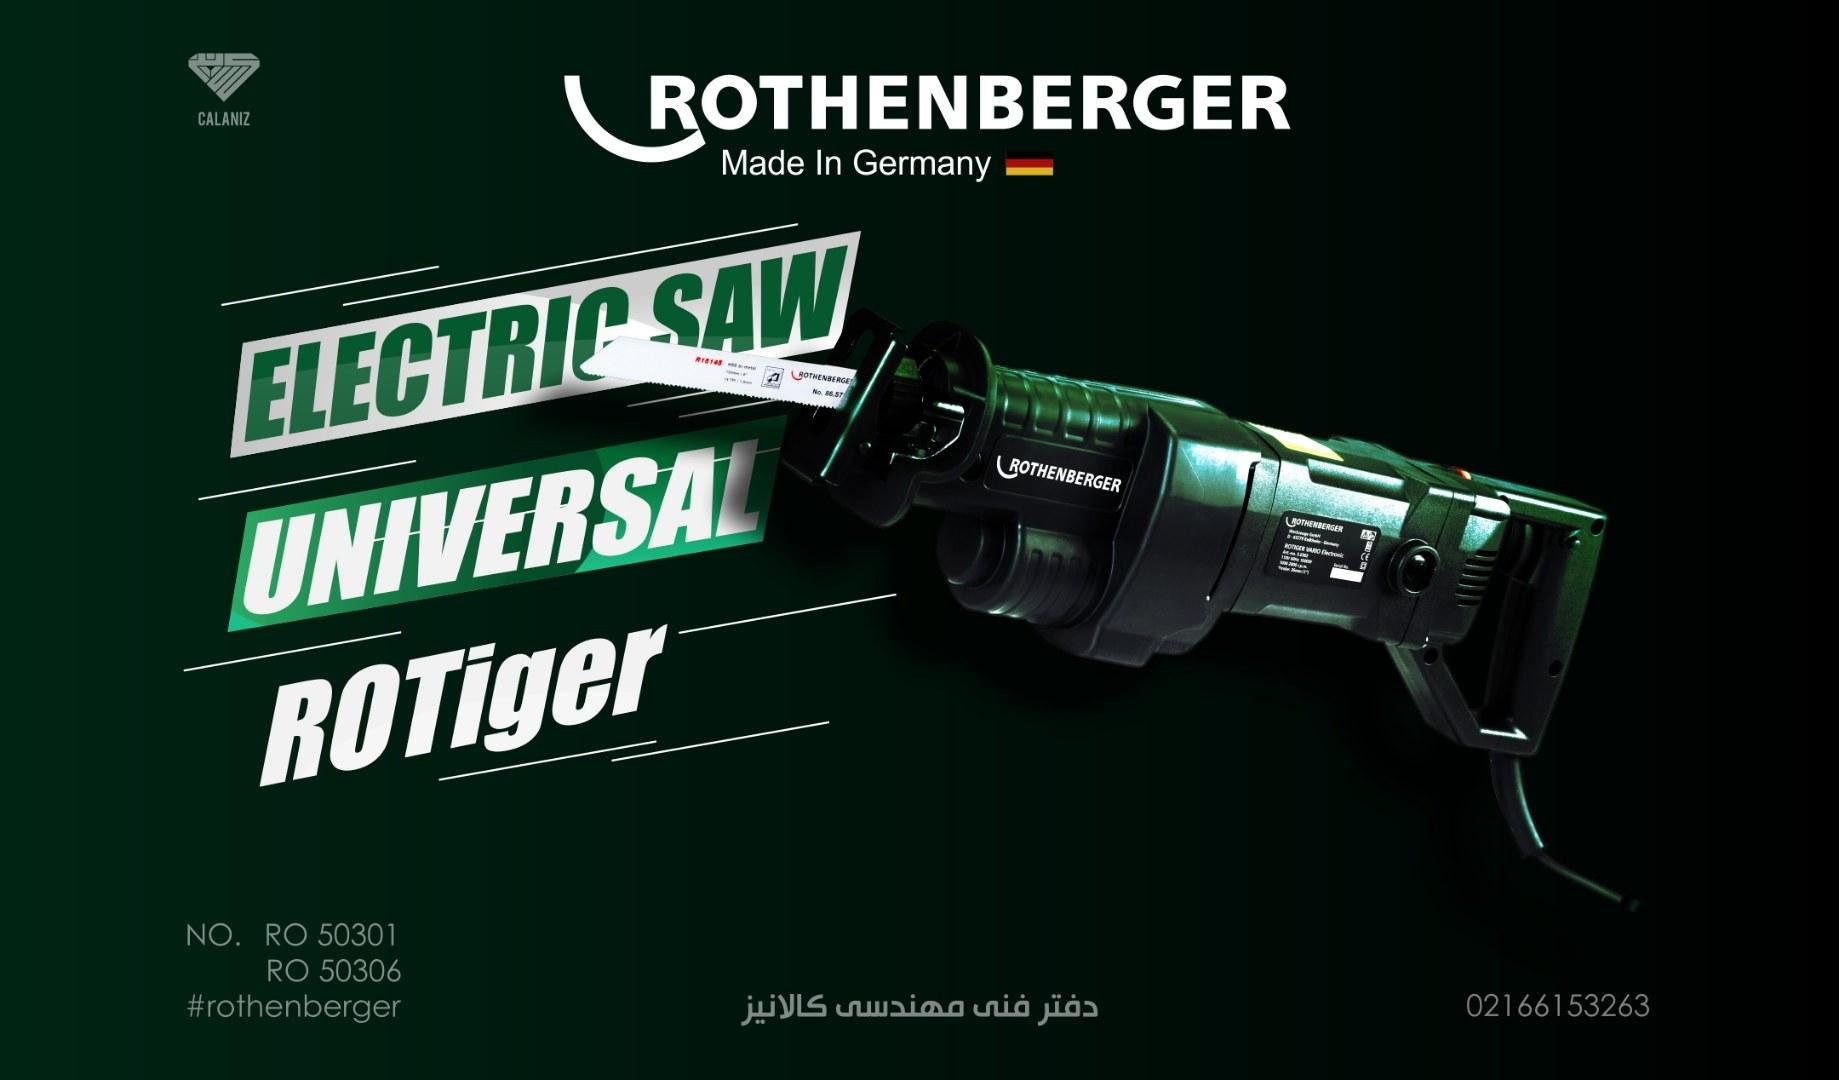 اره برقی روتنبرگر آلمان – مدل  Universal و ROTiger